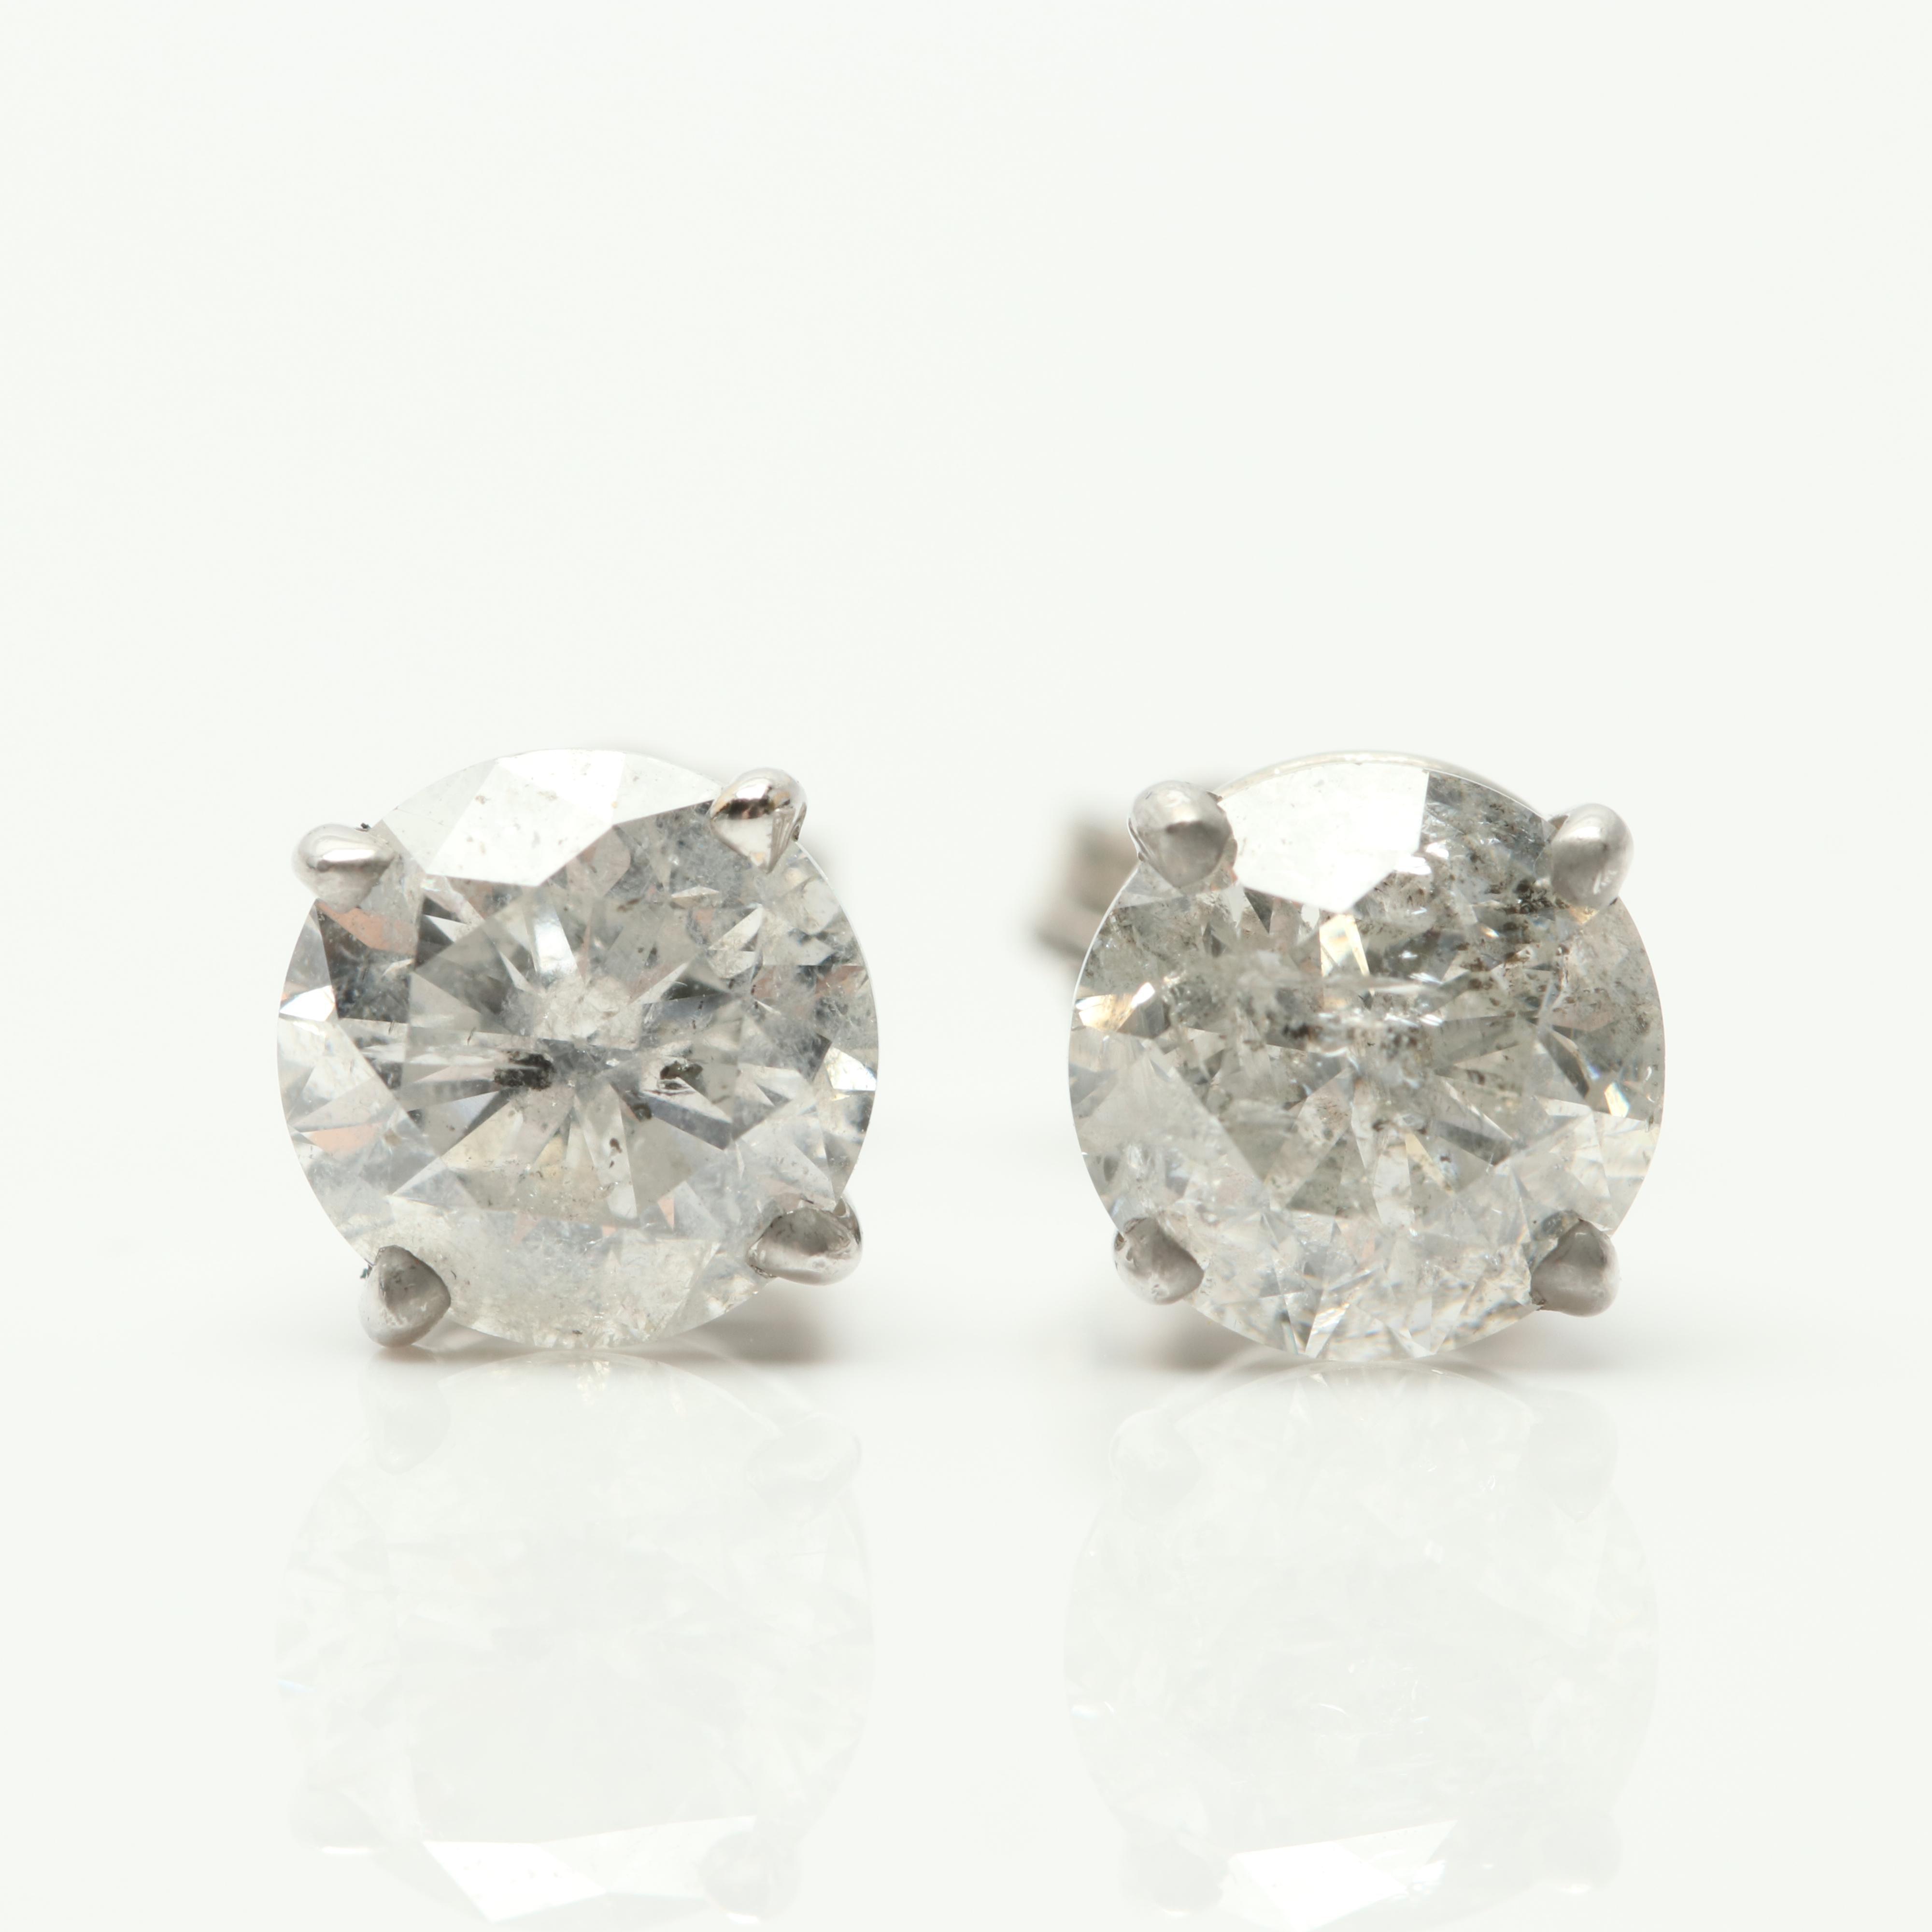 14K White Gold 1.66 CTW Diamond Stud Earrings